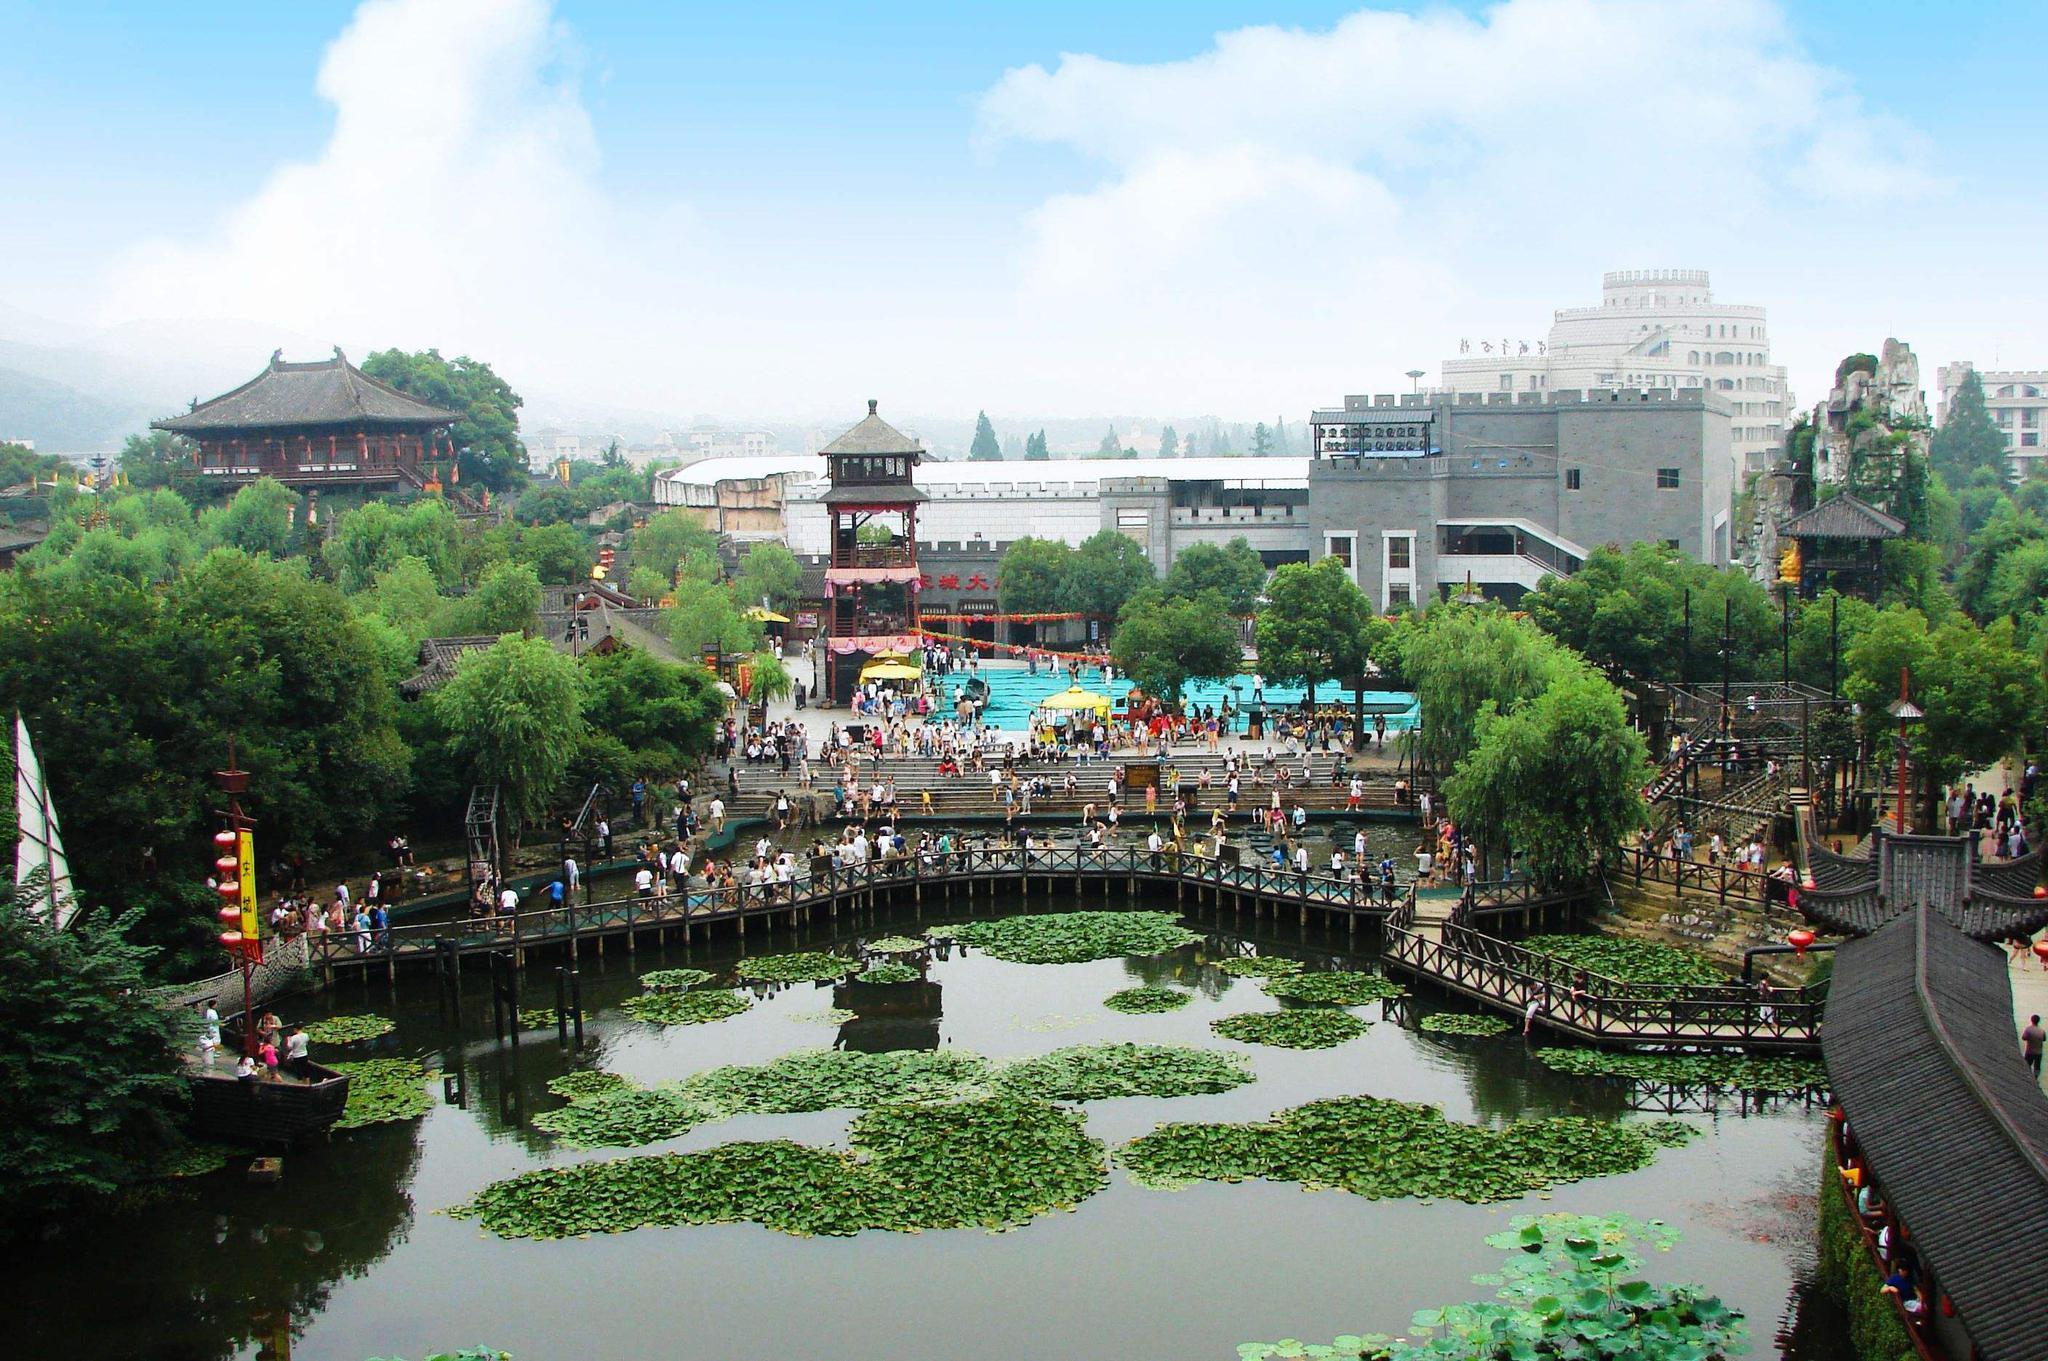 杭州最坑的景区,门票收费300元,本地人:太贵,不值得!